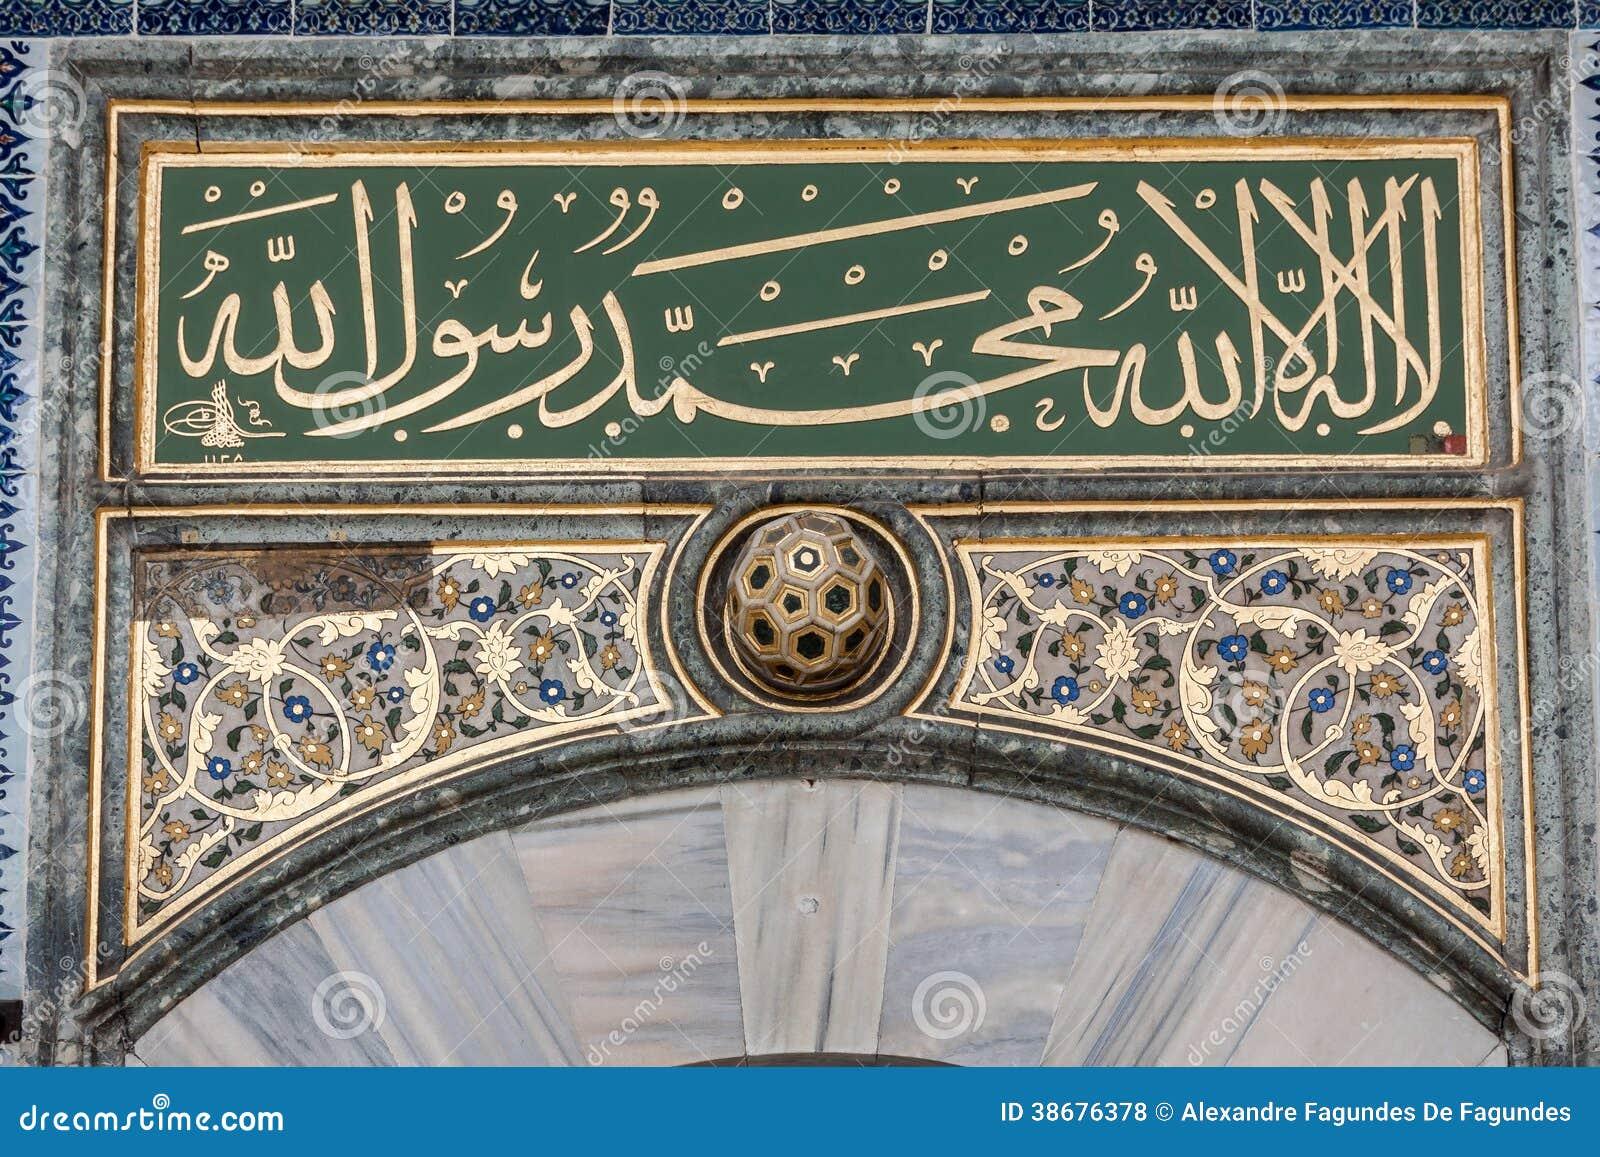 Arabic writing above door